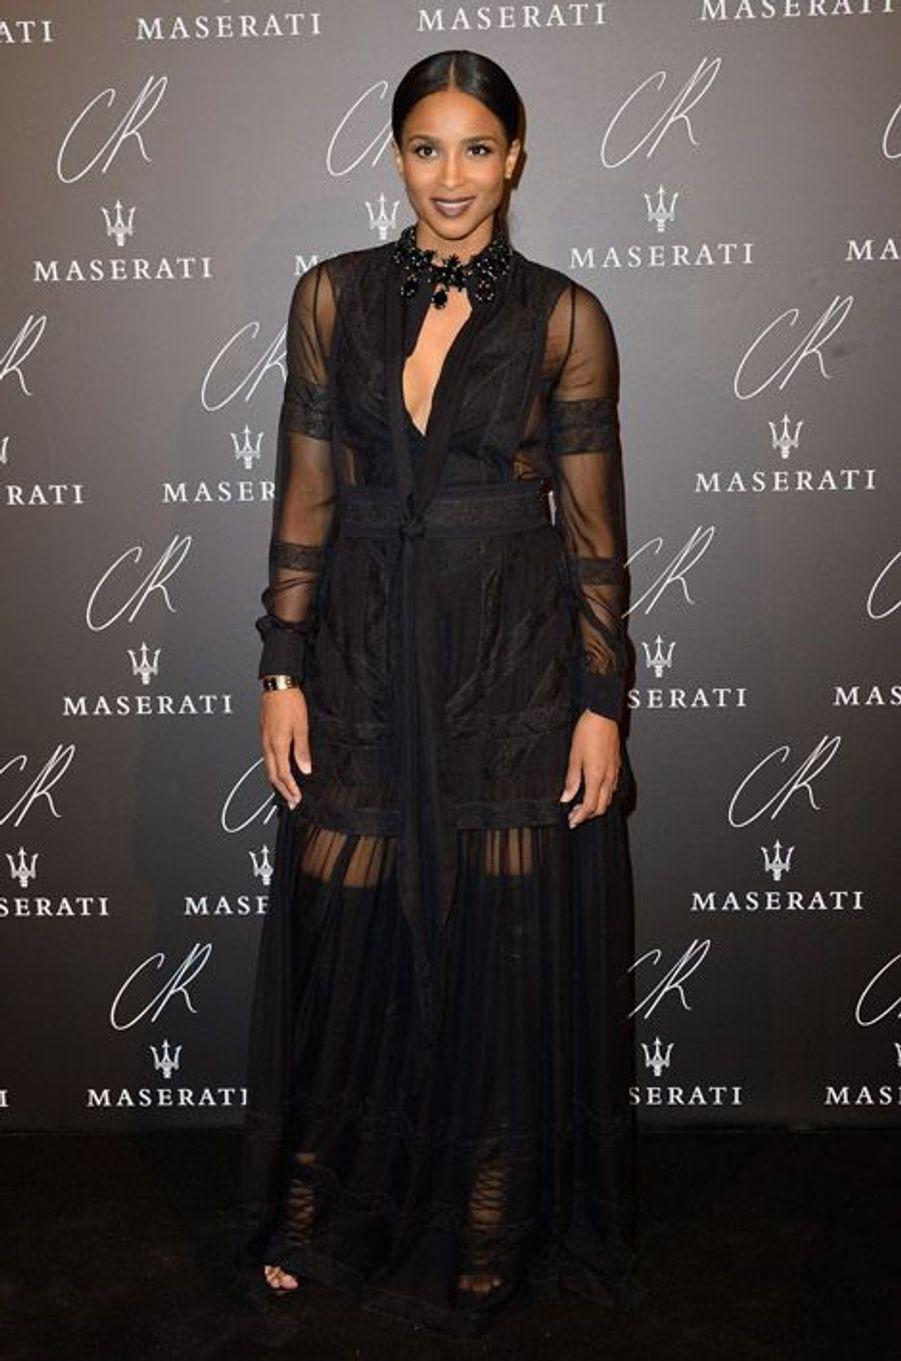 """La chanteuse Ciara en Givenchy lors de la soirée """"CR Fashion Book"""" à Paris, le 30 septembre 2014"""